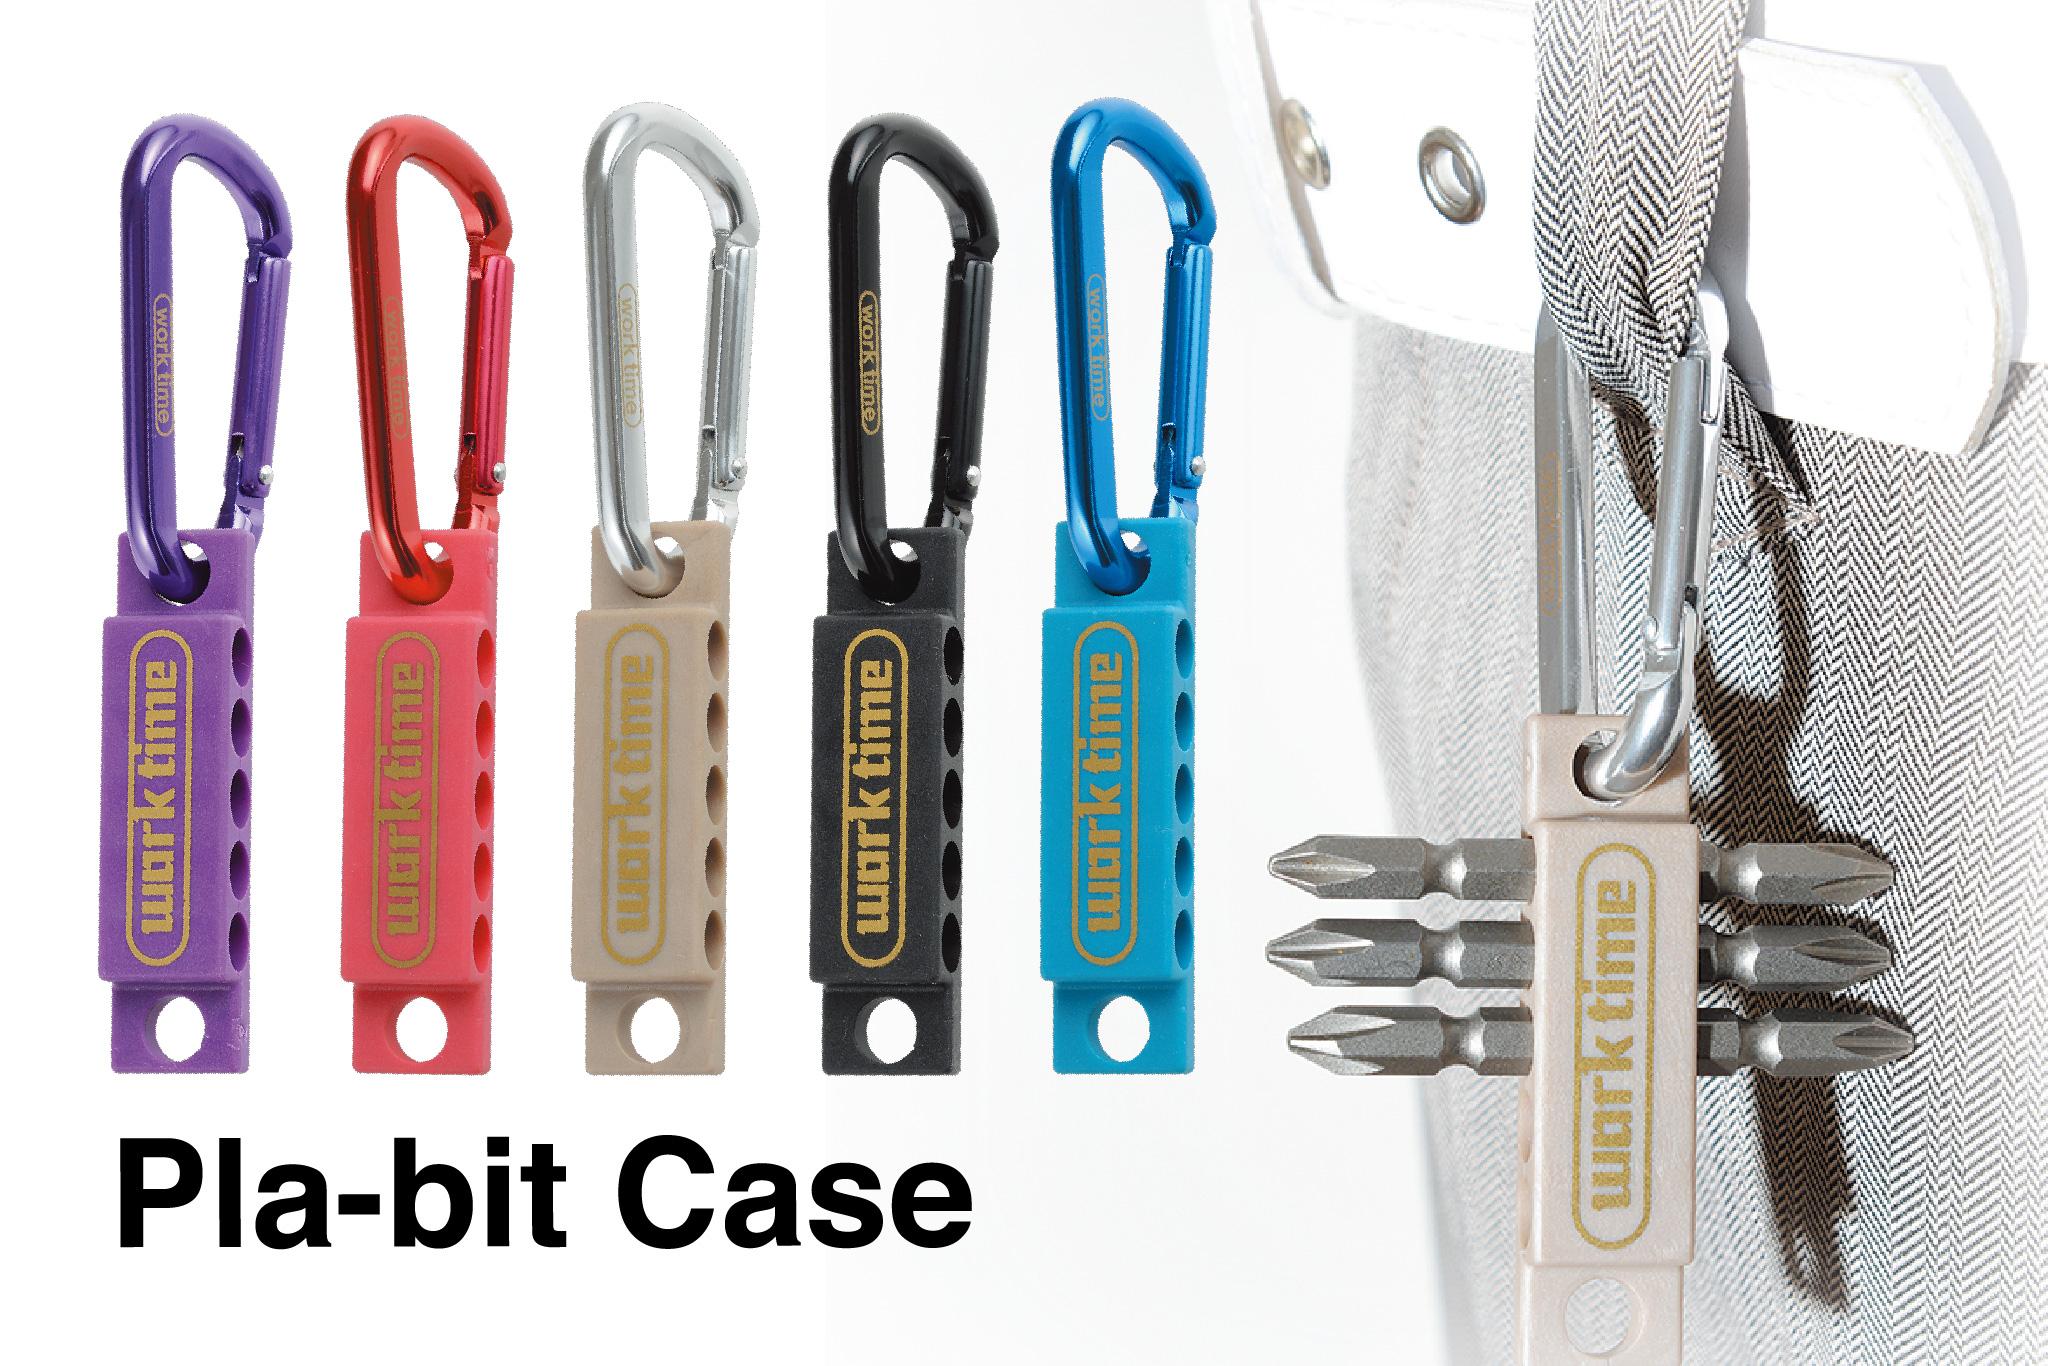 Pla-bit Case